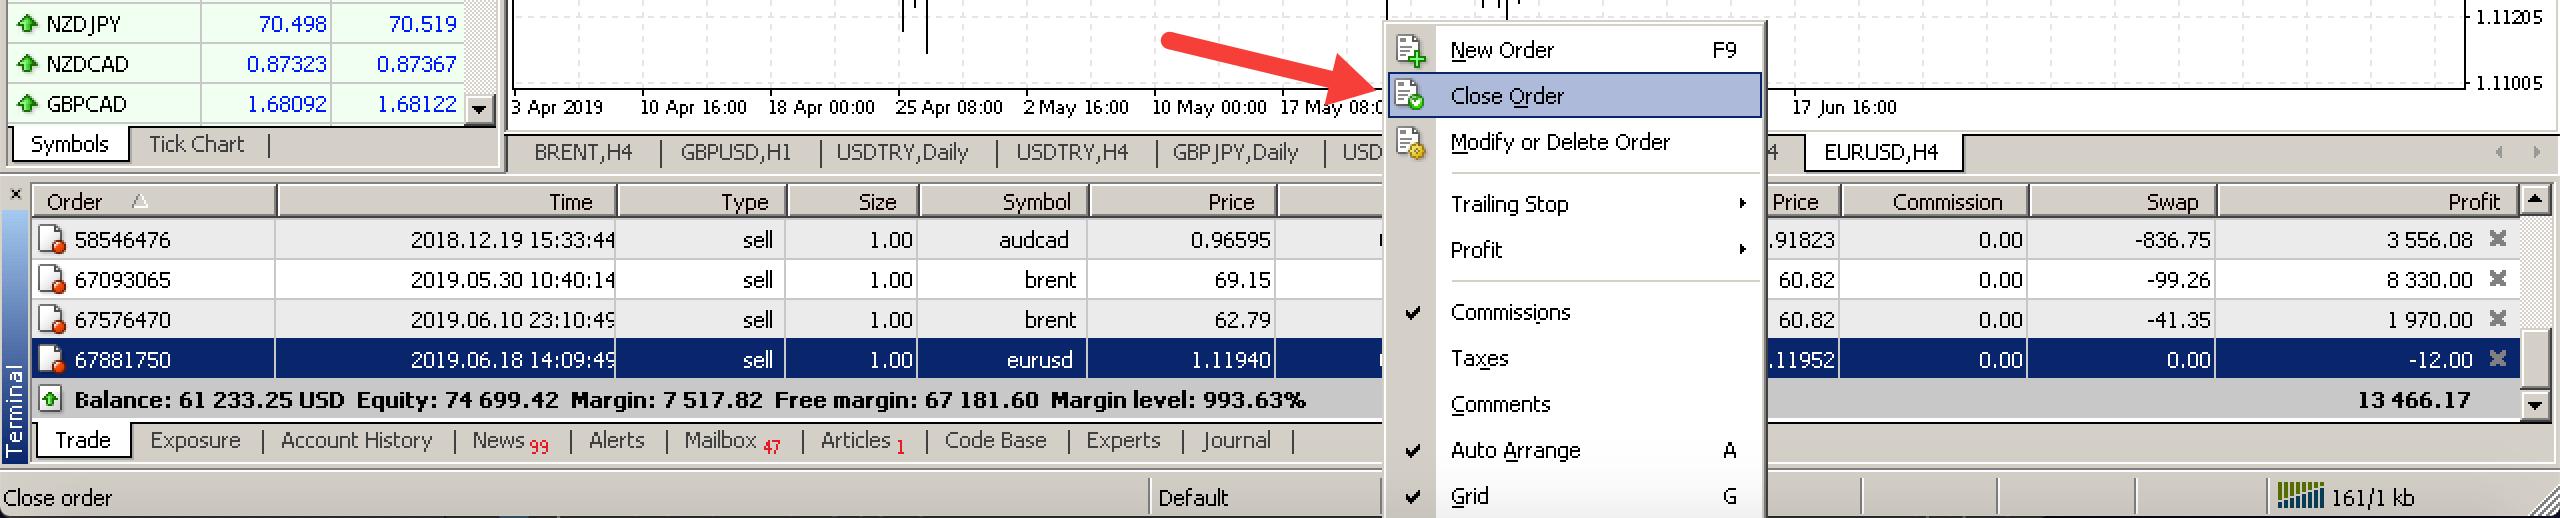 Kā tirgoties, izmantojot bināros opcijas